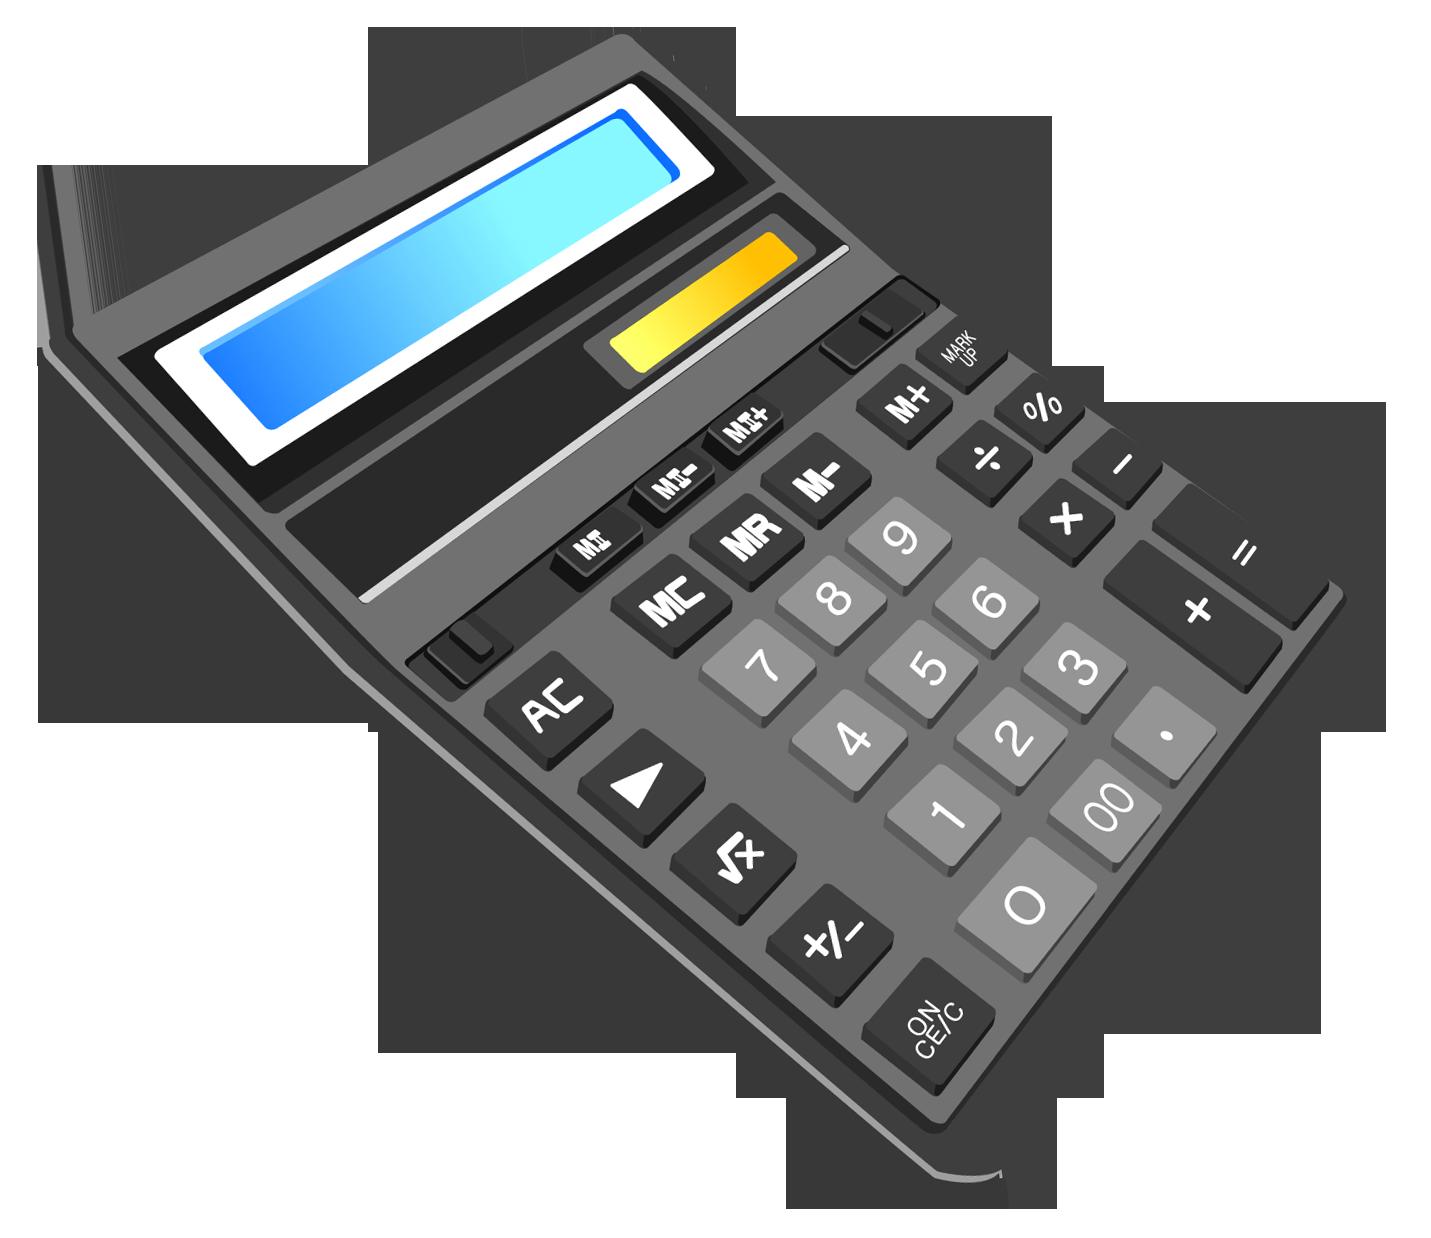 Calculator Transparent PNG Clipart.